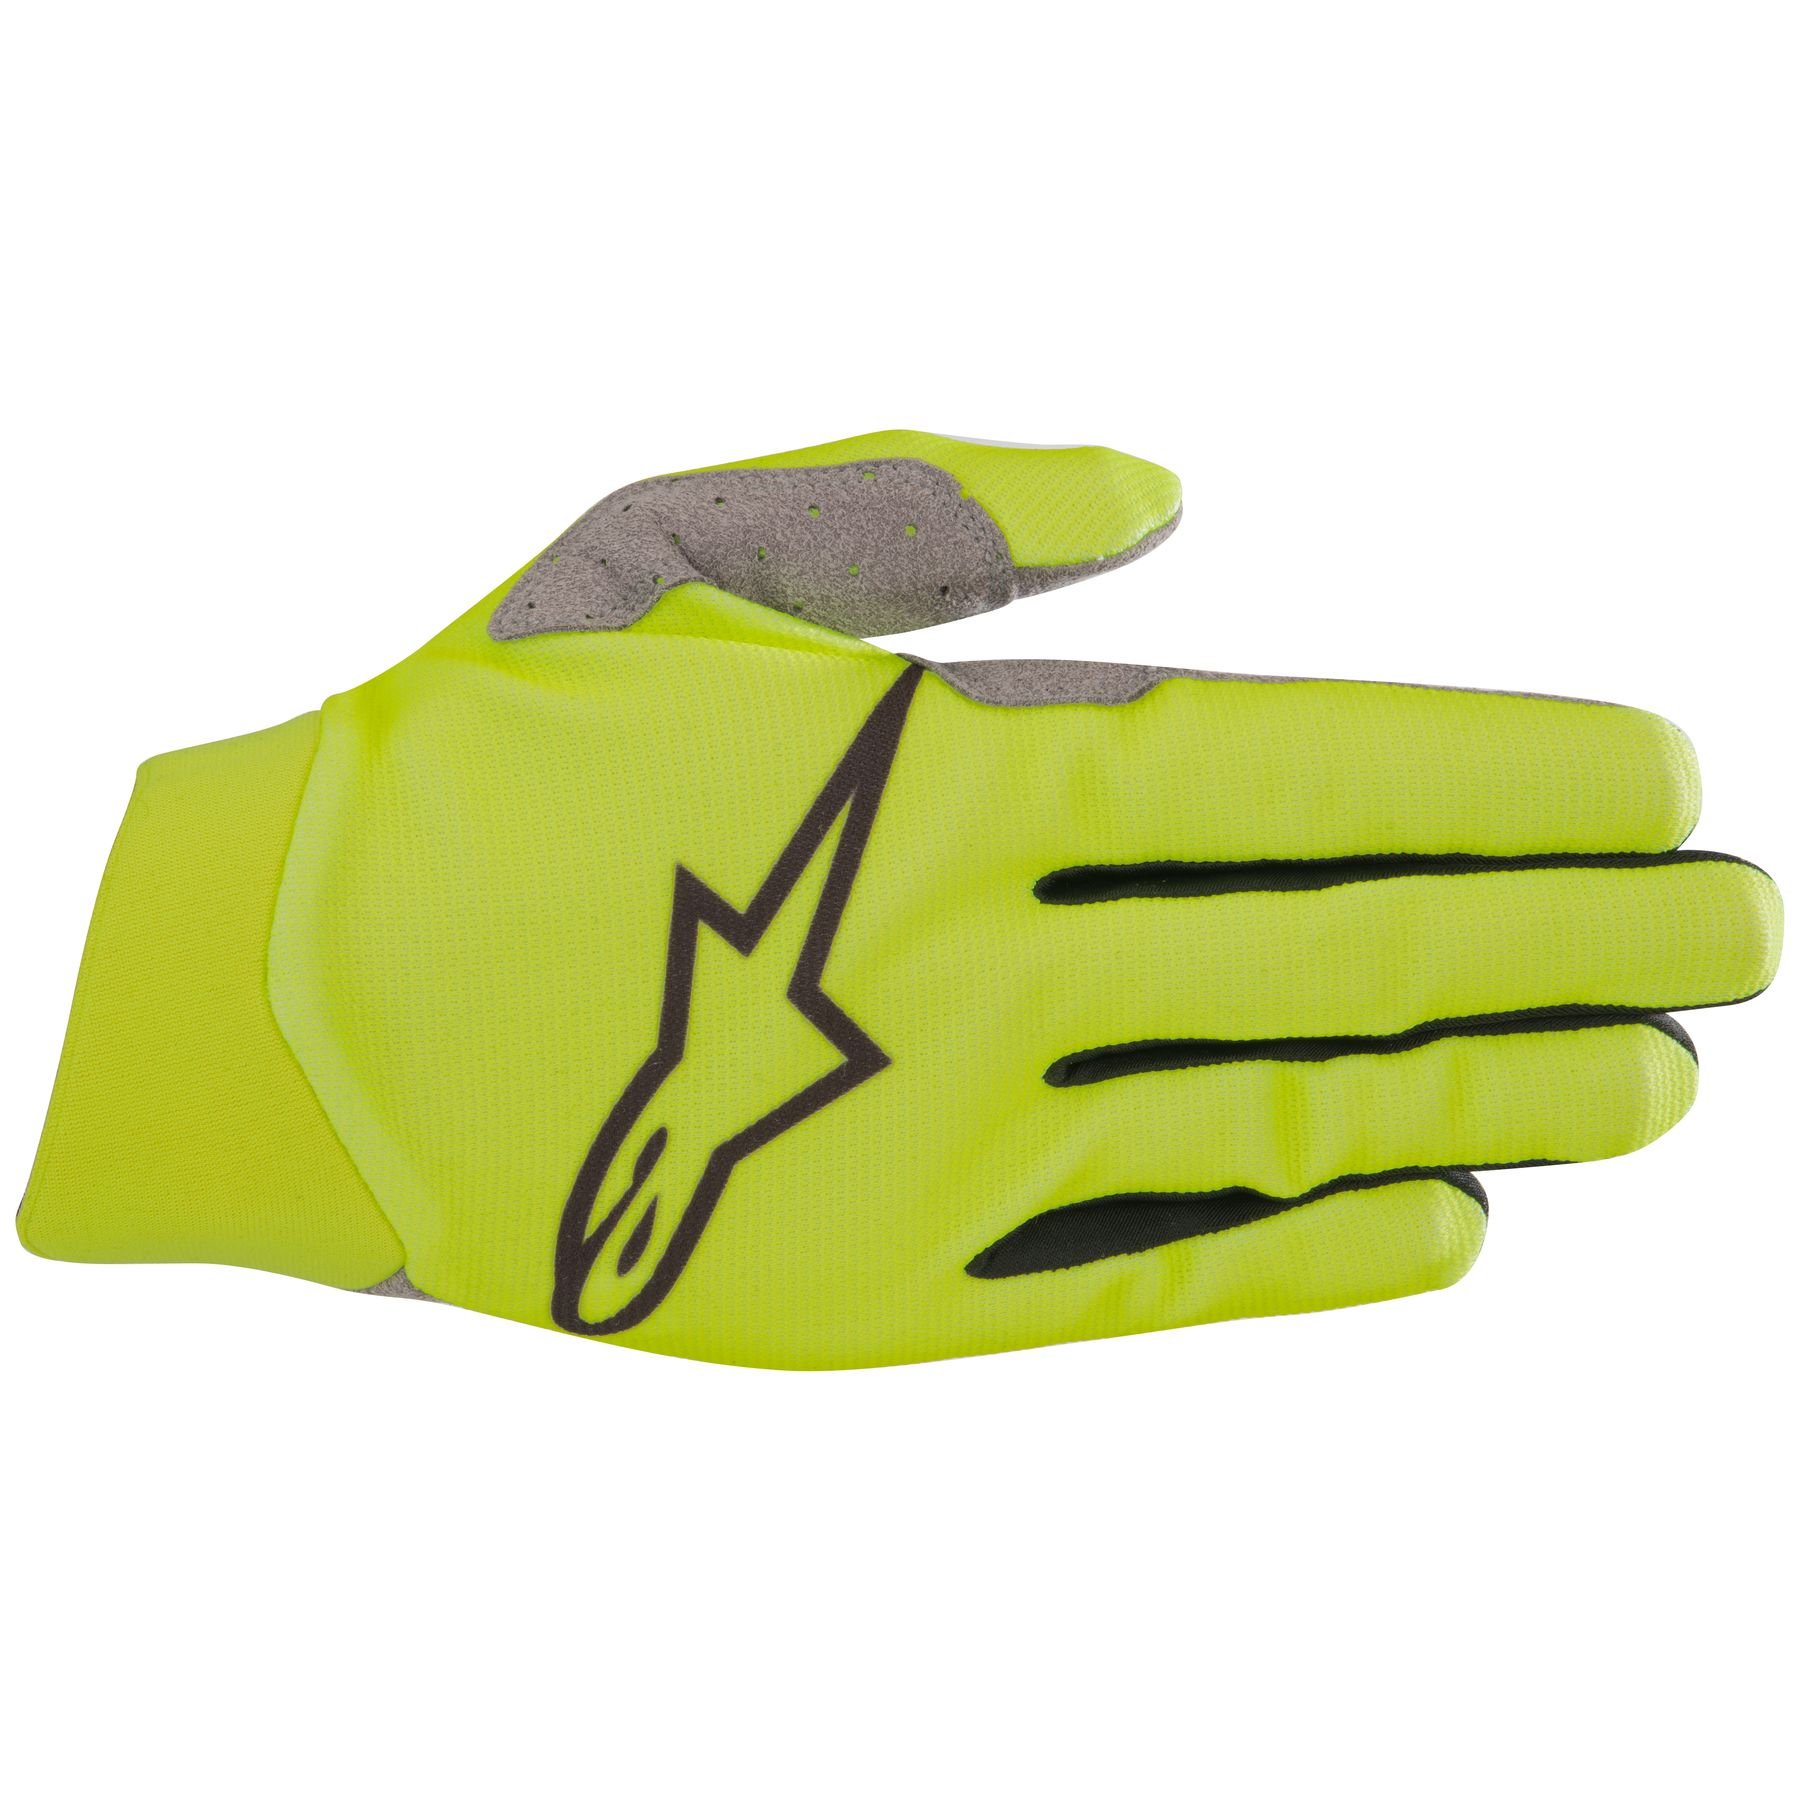 Alpinestars Dune S9 MX Offroad Gloves Yellow